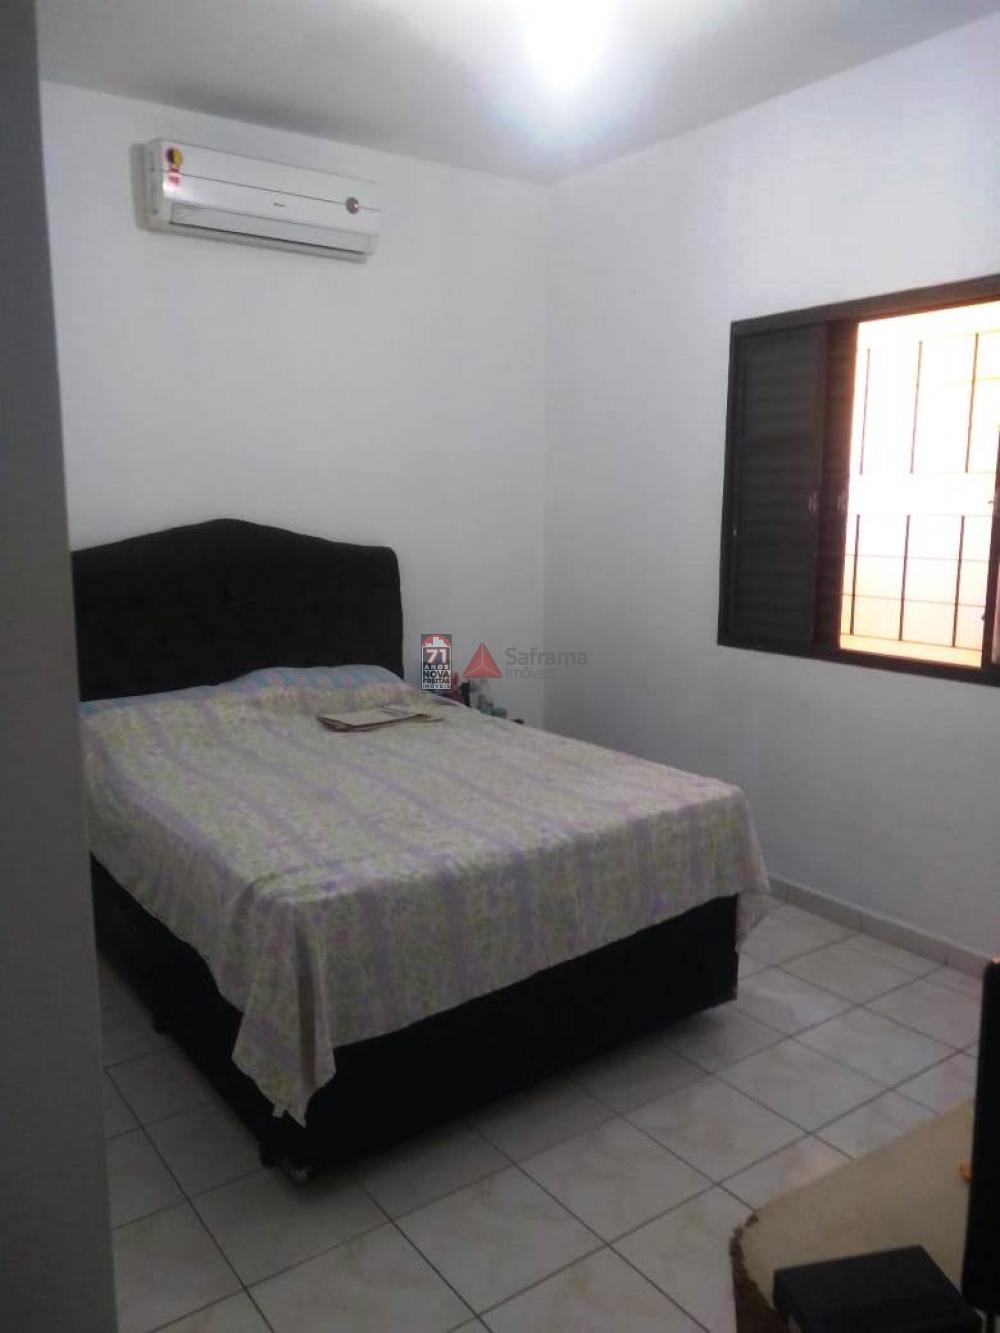 Comprar Casa / Padrão em Pindamonhangaba apenas R$ 234.000,00 - Foto 5